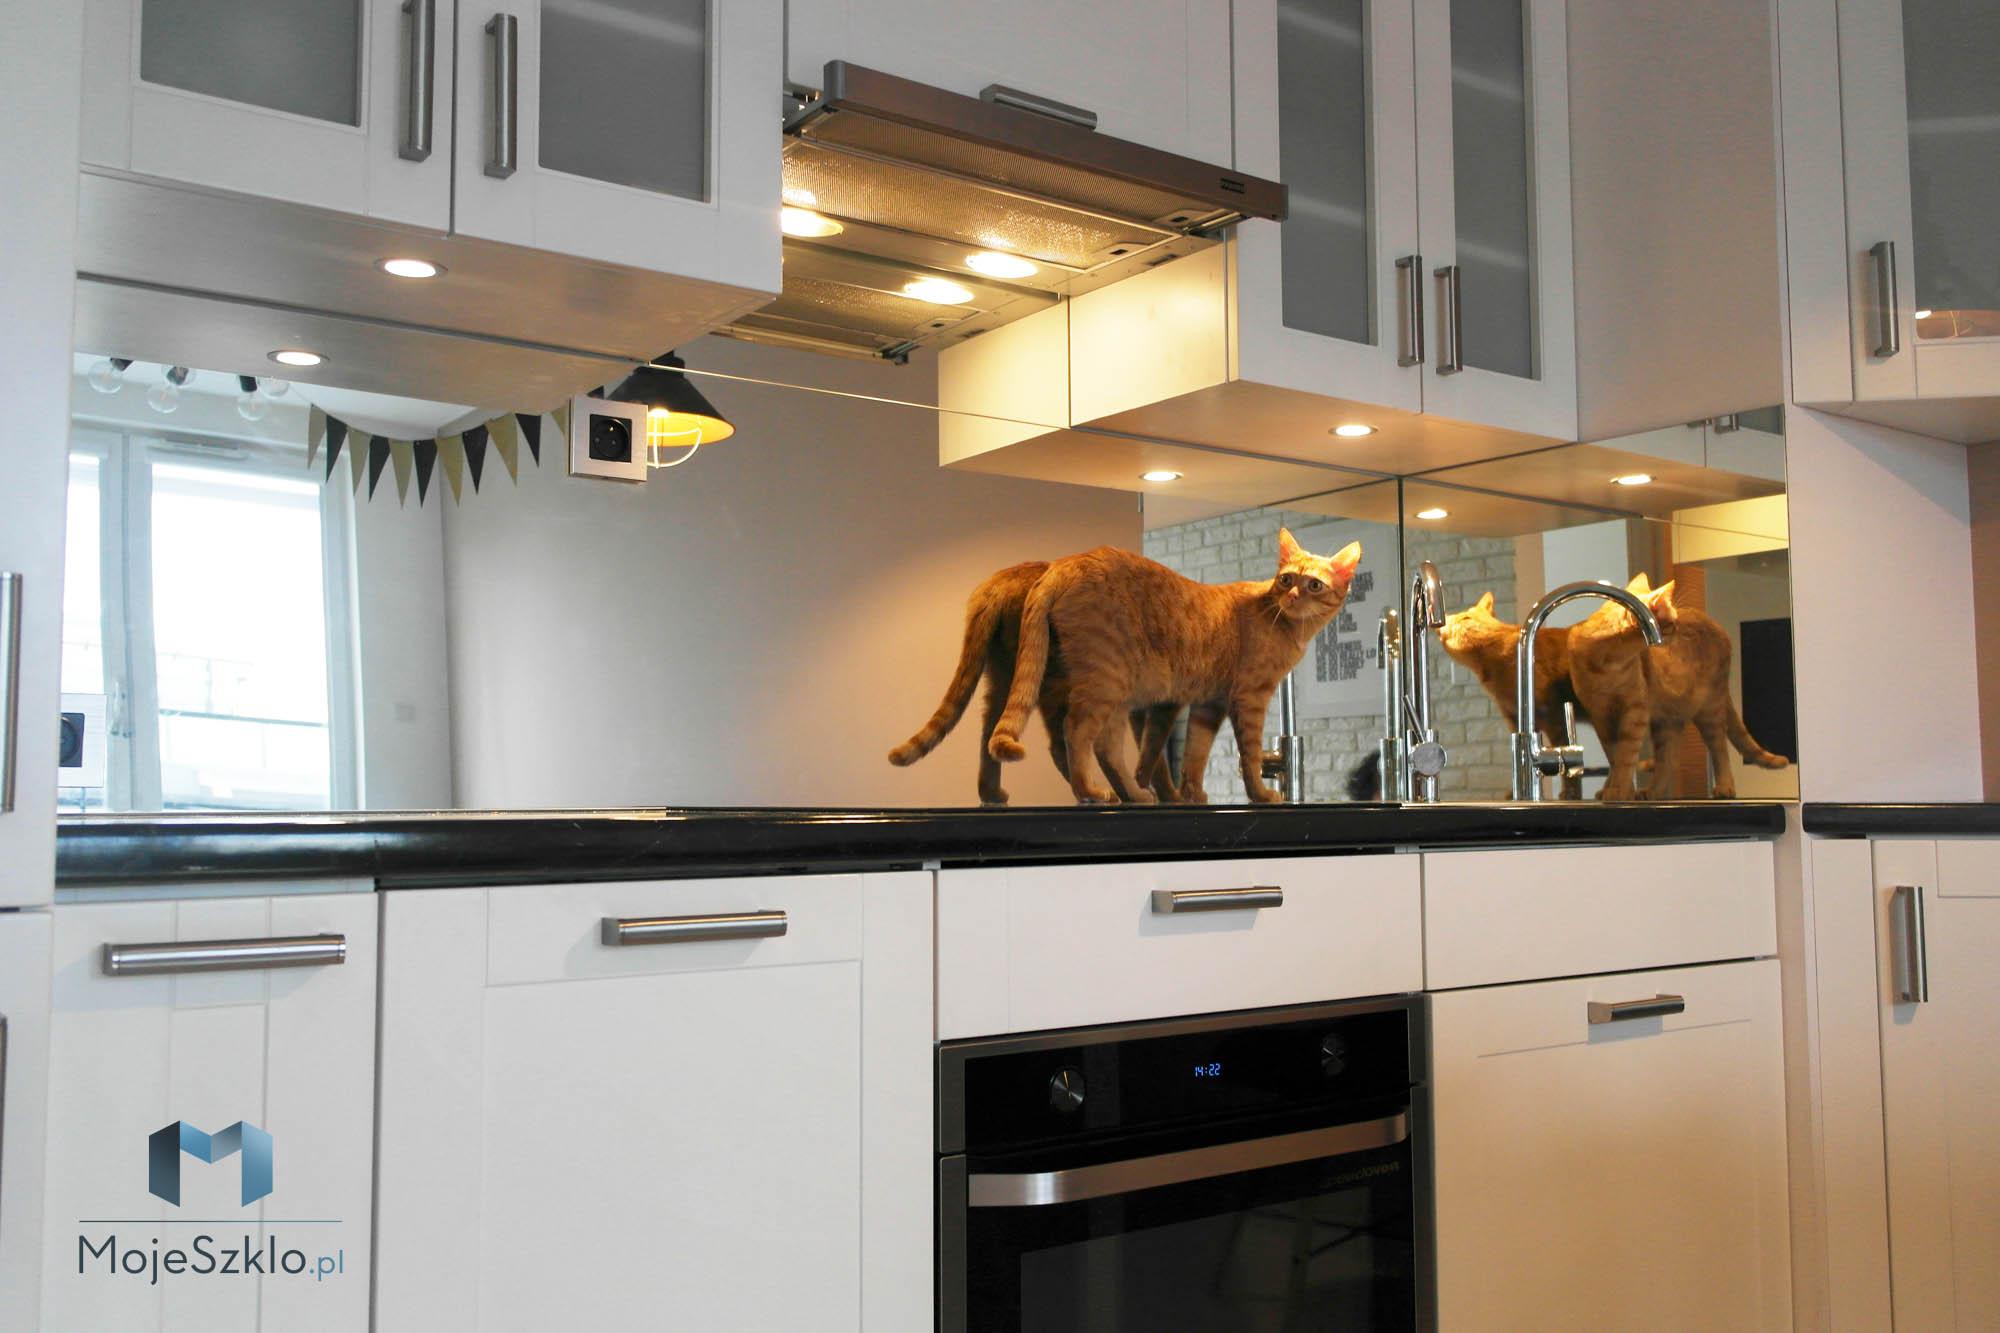 Panel Lustrzany Do Kuchni - Lustro w kuchni. Panele lustrzane do kuchni